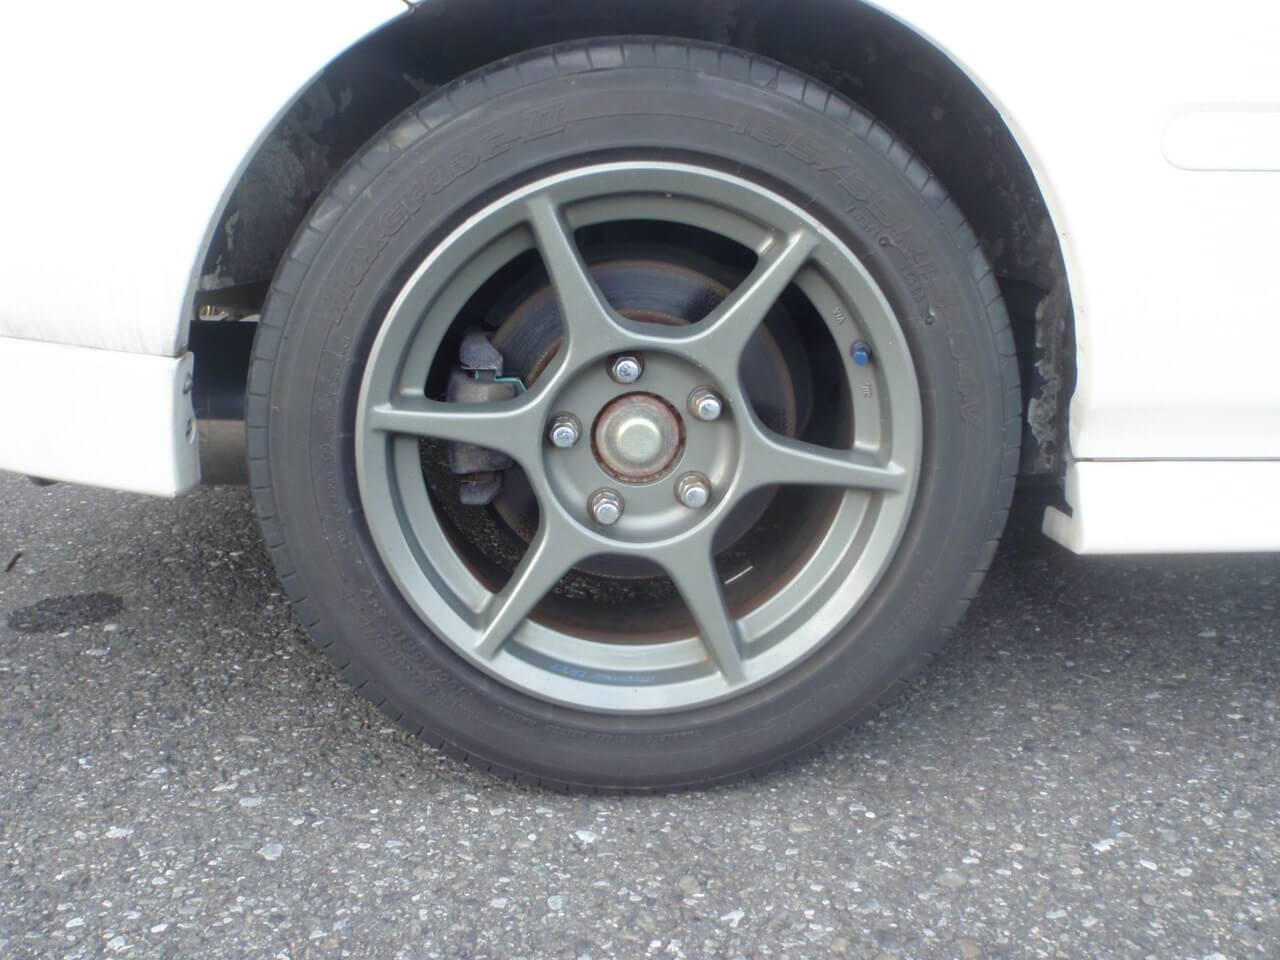 Honda Civic EK9 Felge